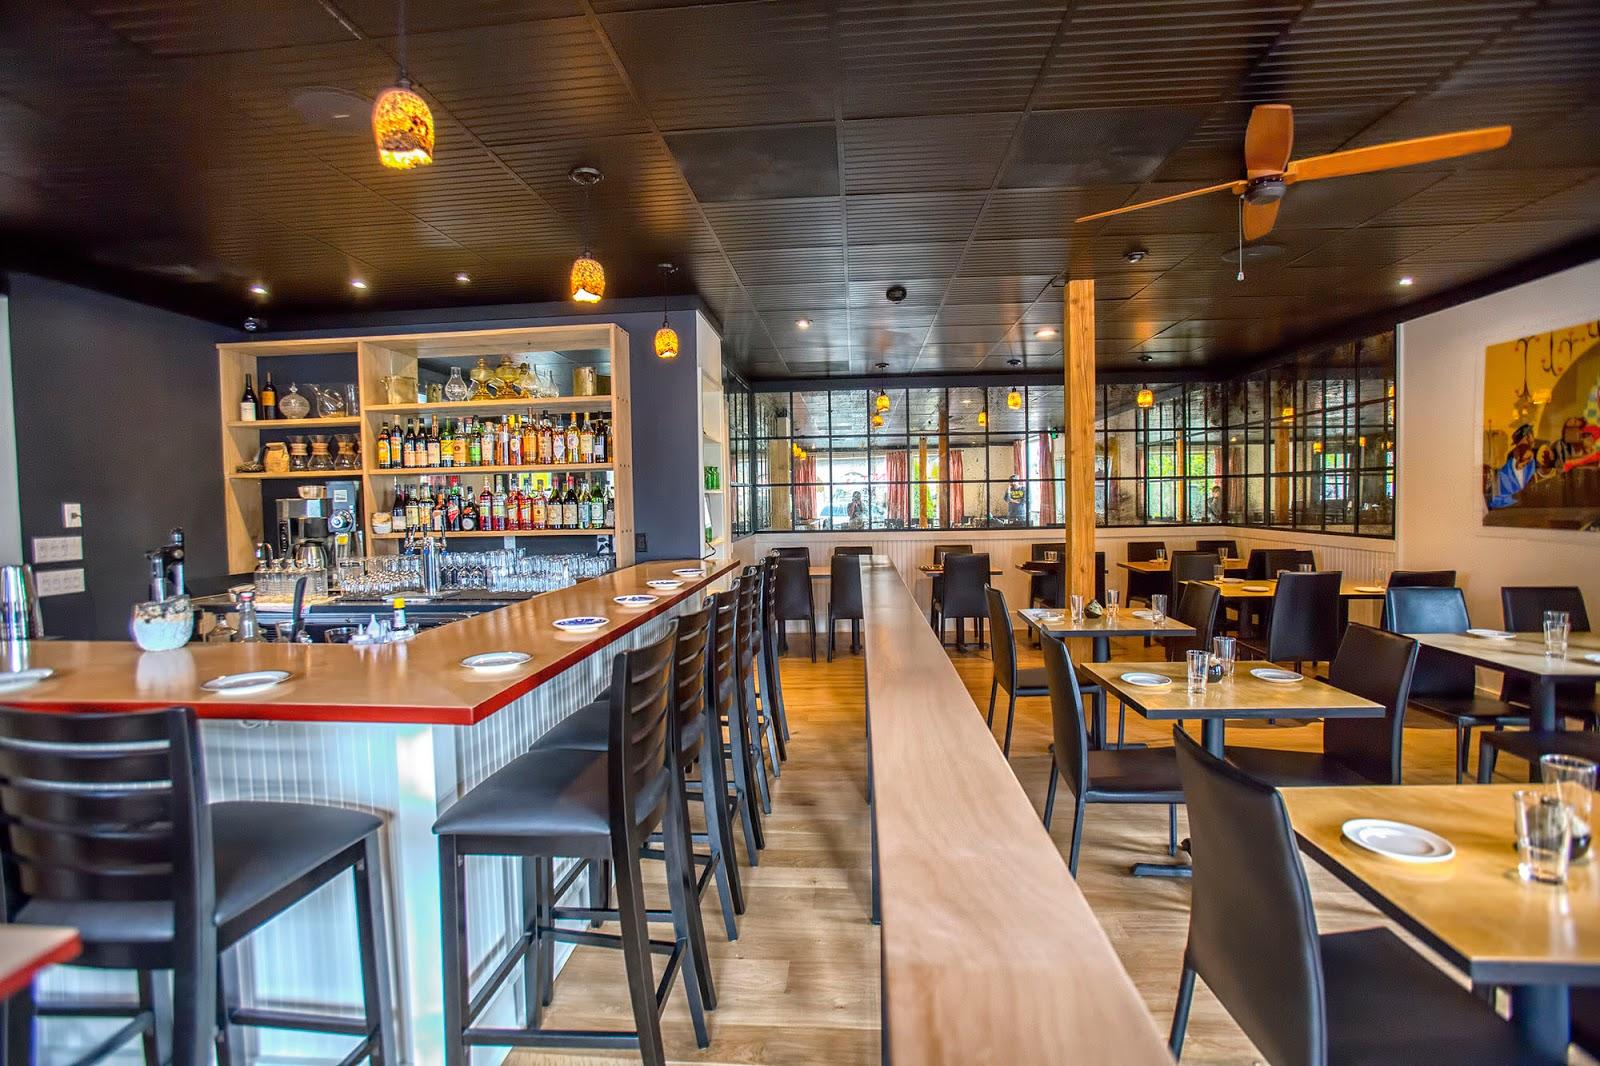 اكثر من 15 ألف مطعم في الولايات المتحدة يغلق أبوابه بشكل نهائي بسبب كورونا